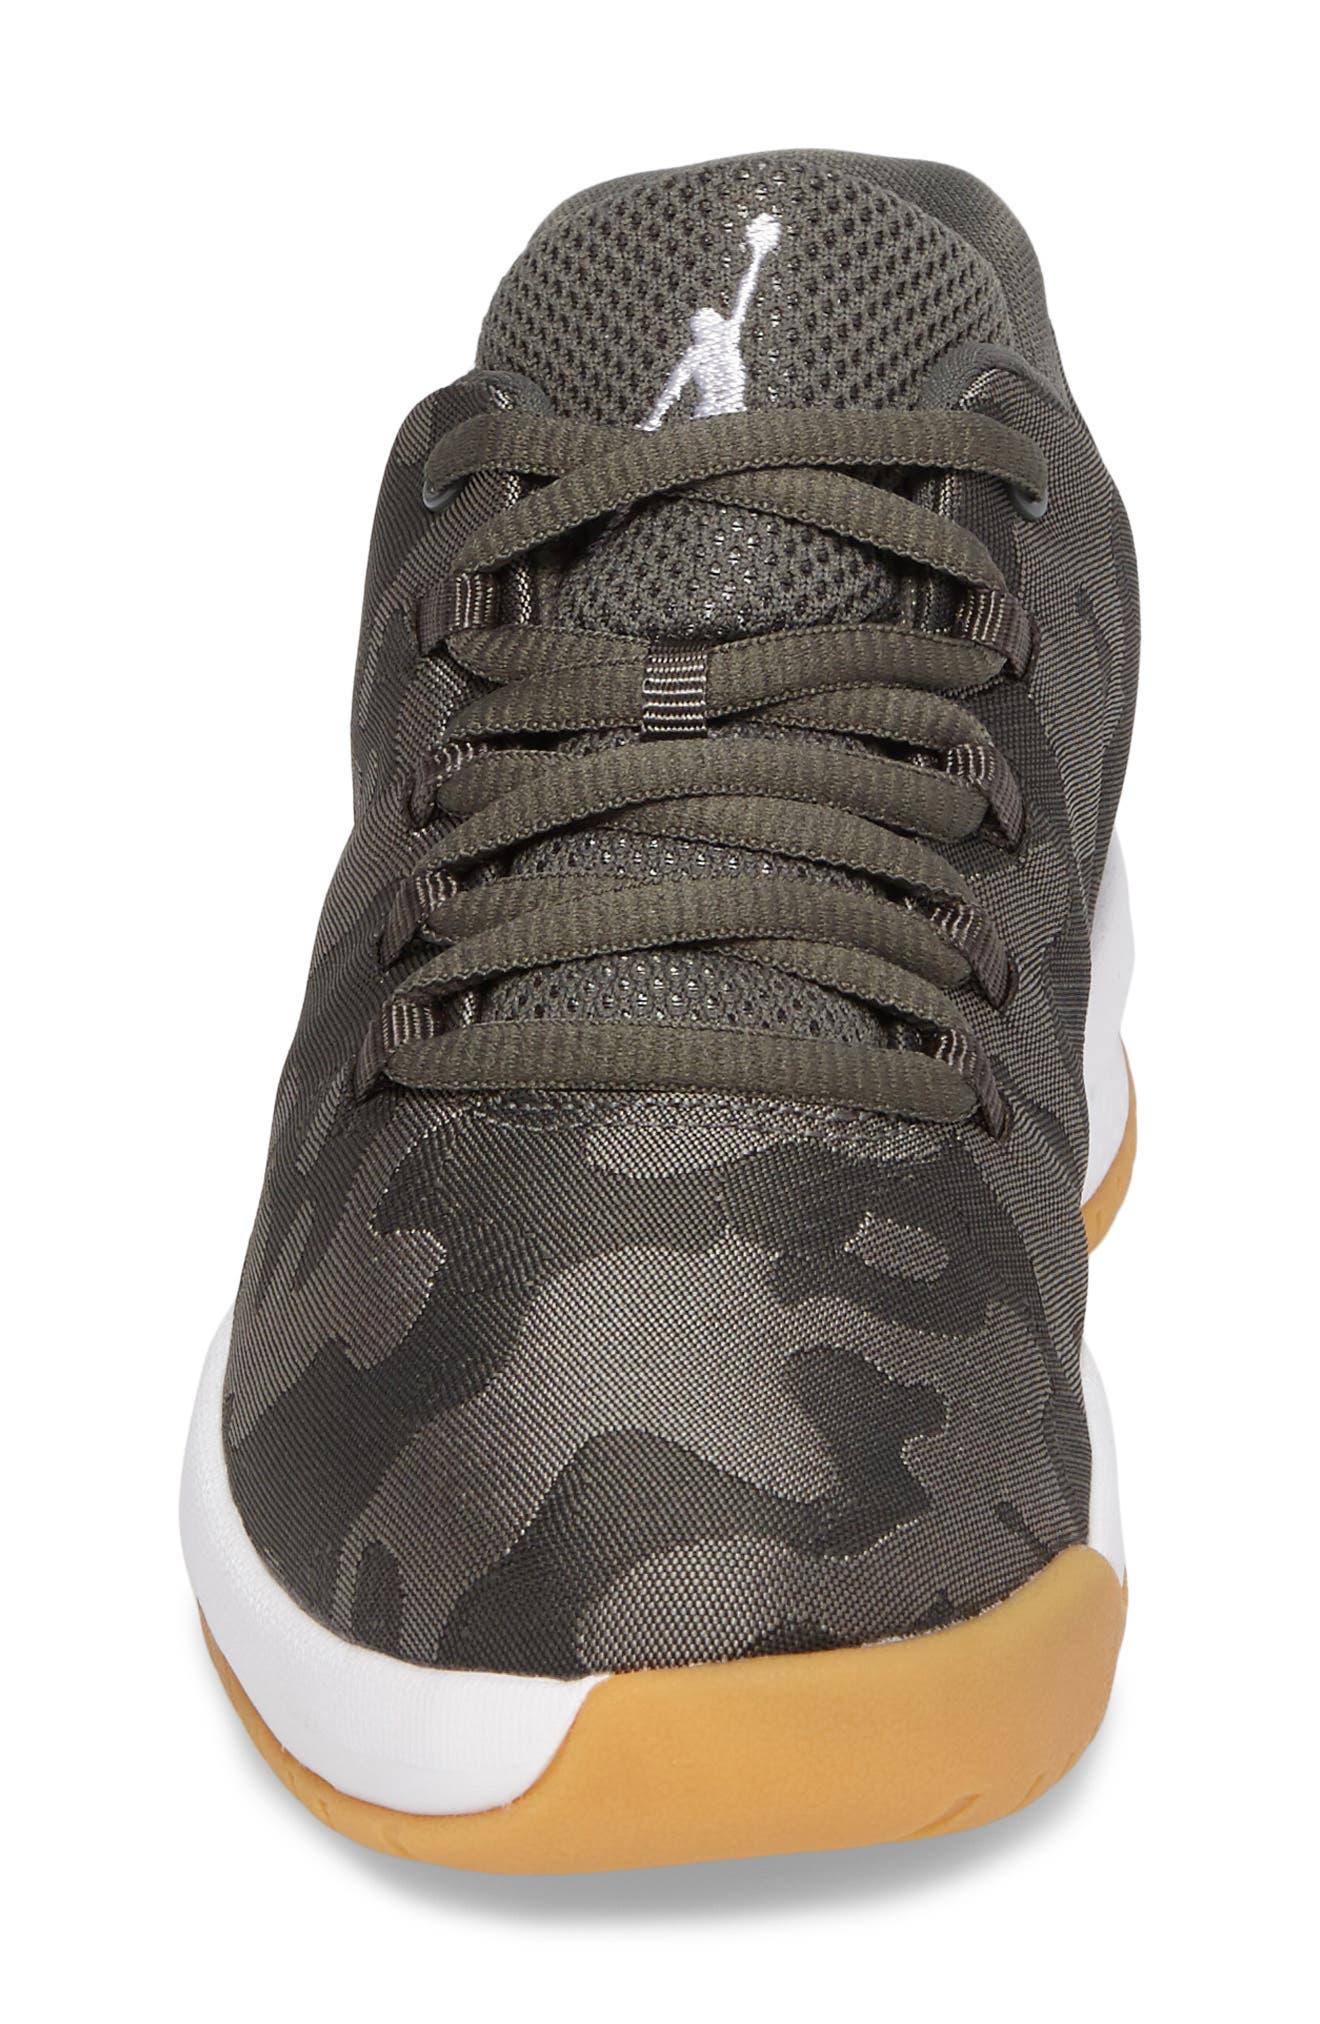 Alternate Image 4  - Nike Jordan B. Fly Basketball Shoe (Toddler & Little Kid)